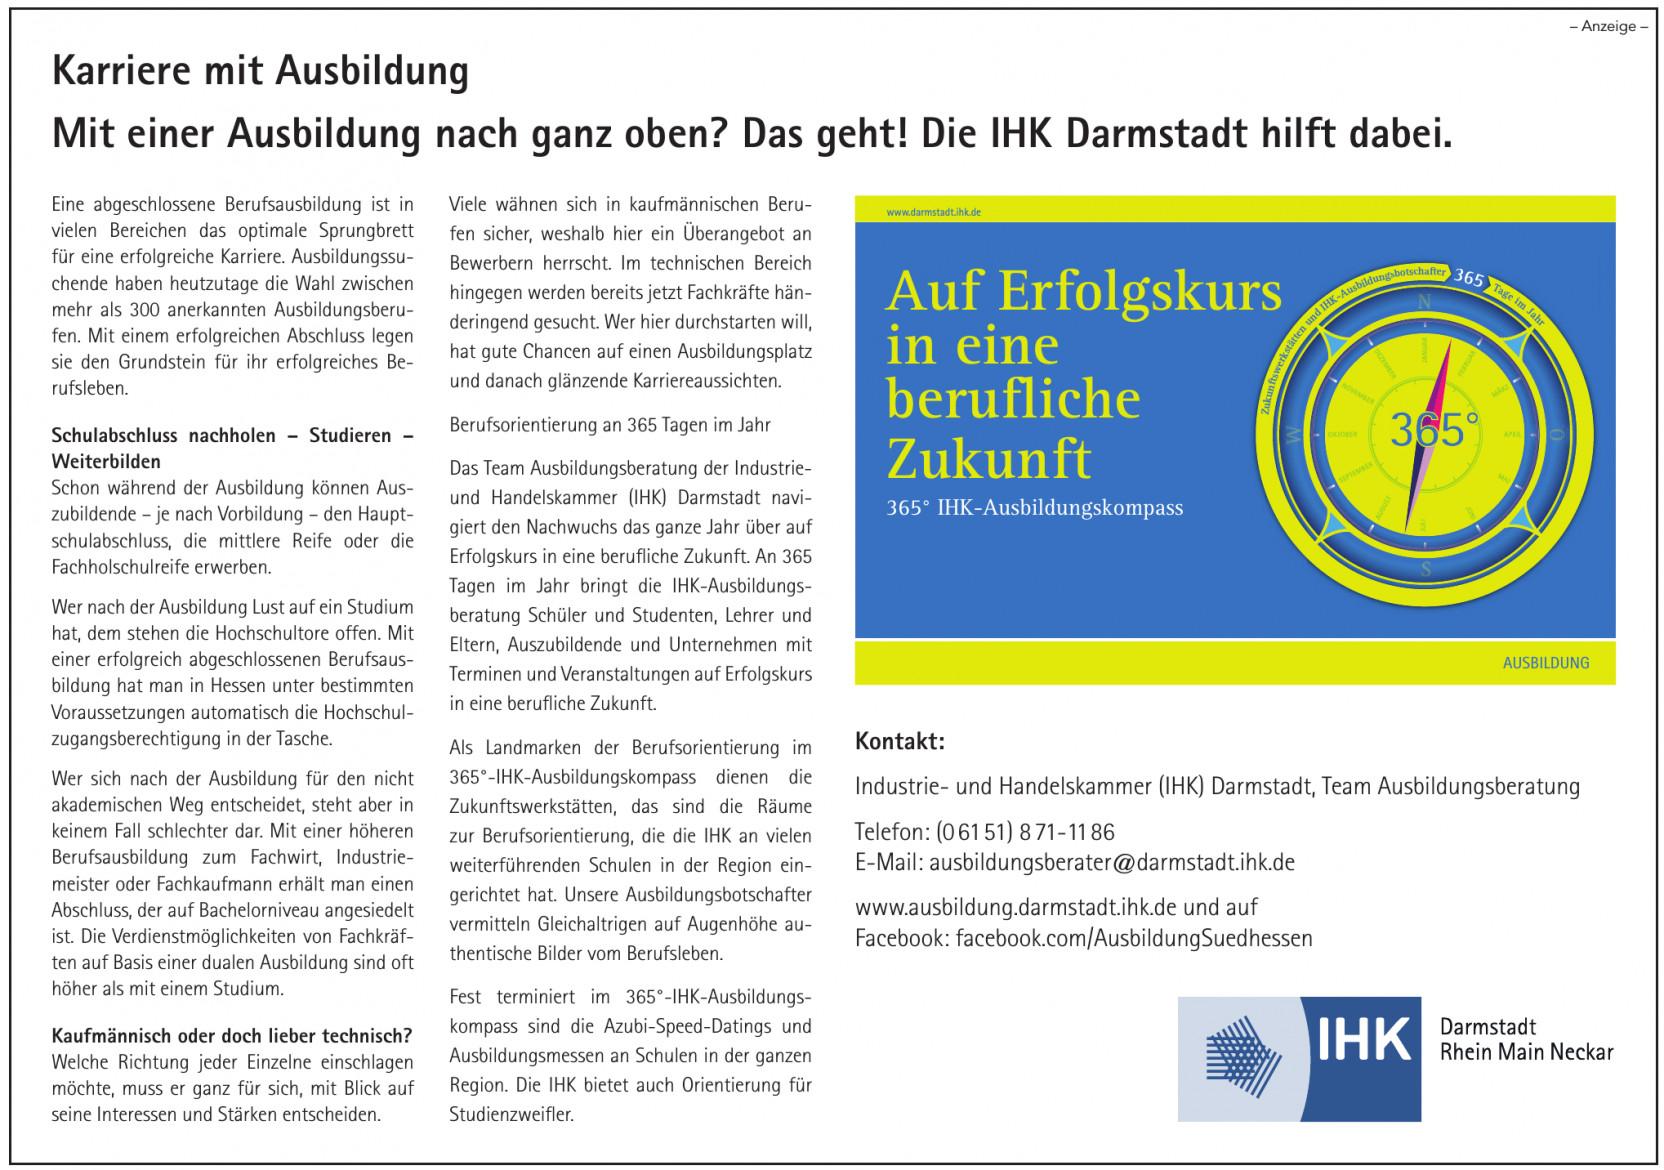 IHK Darmstadt Rhein Main Neckar